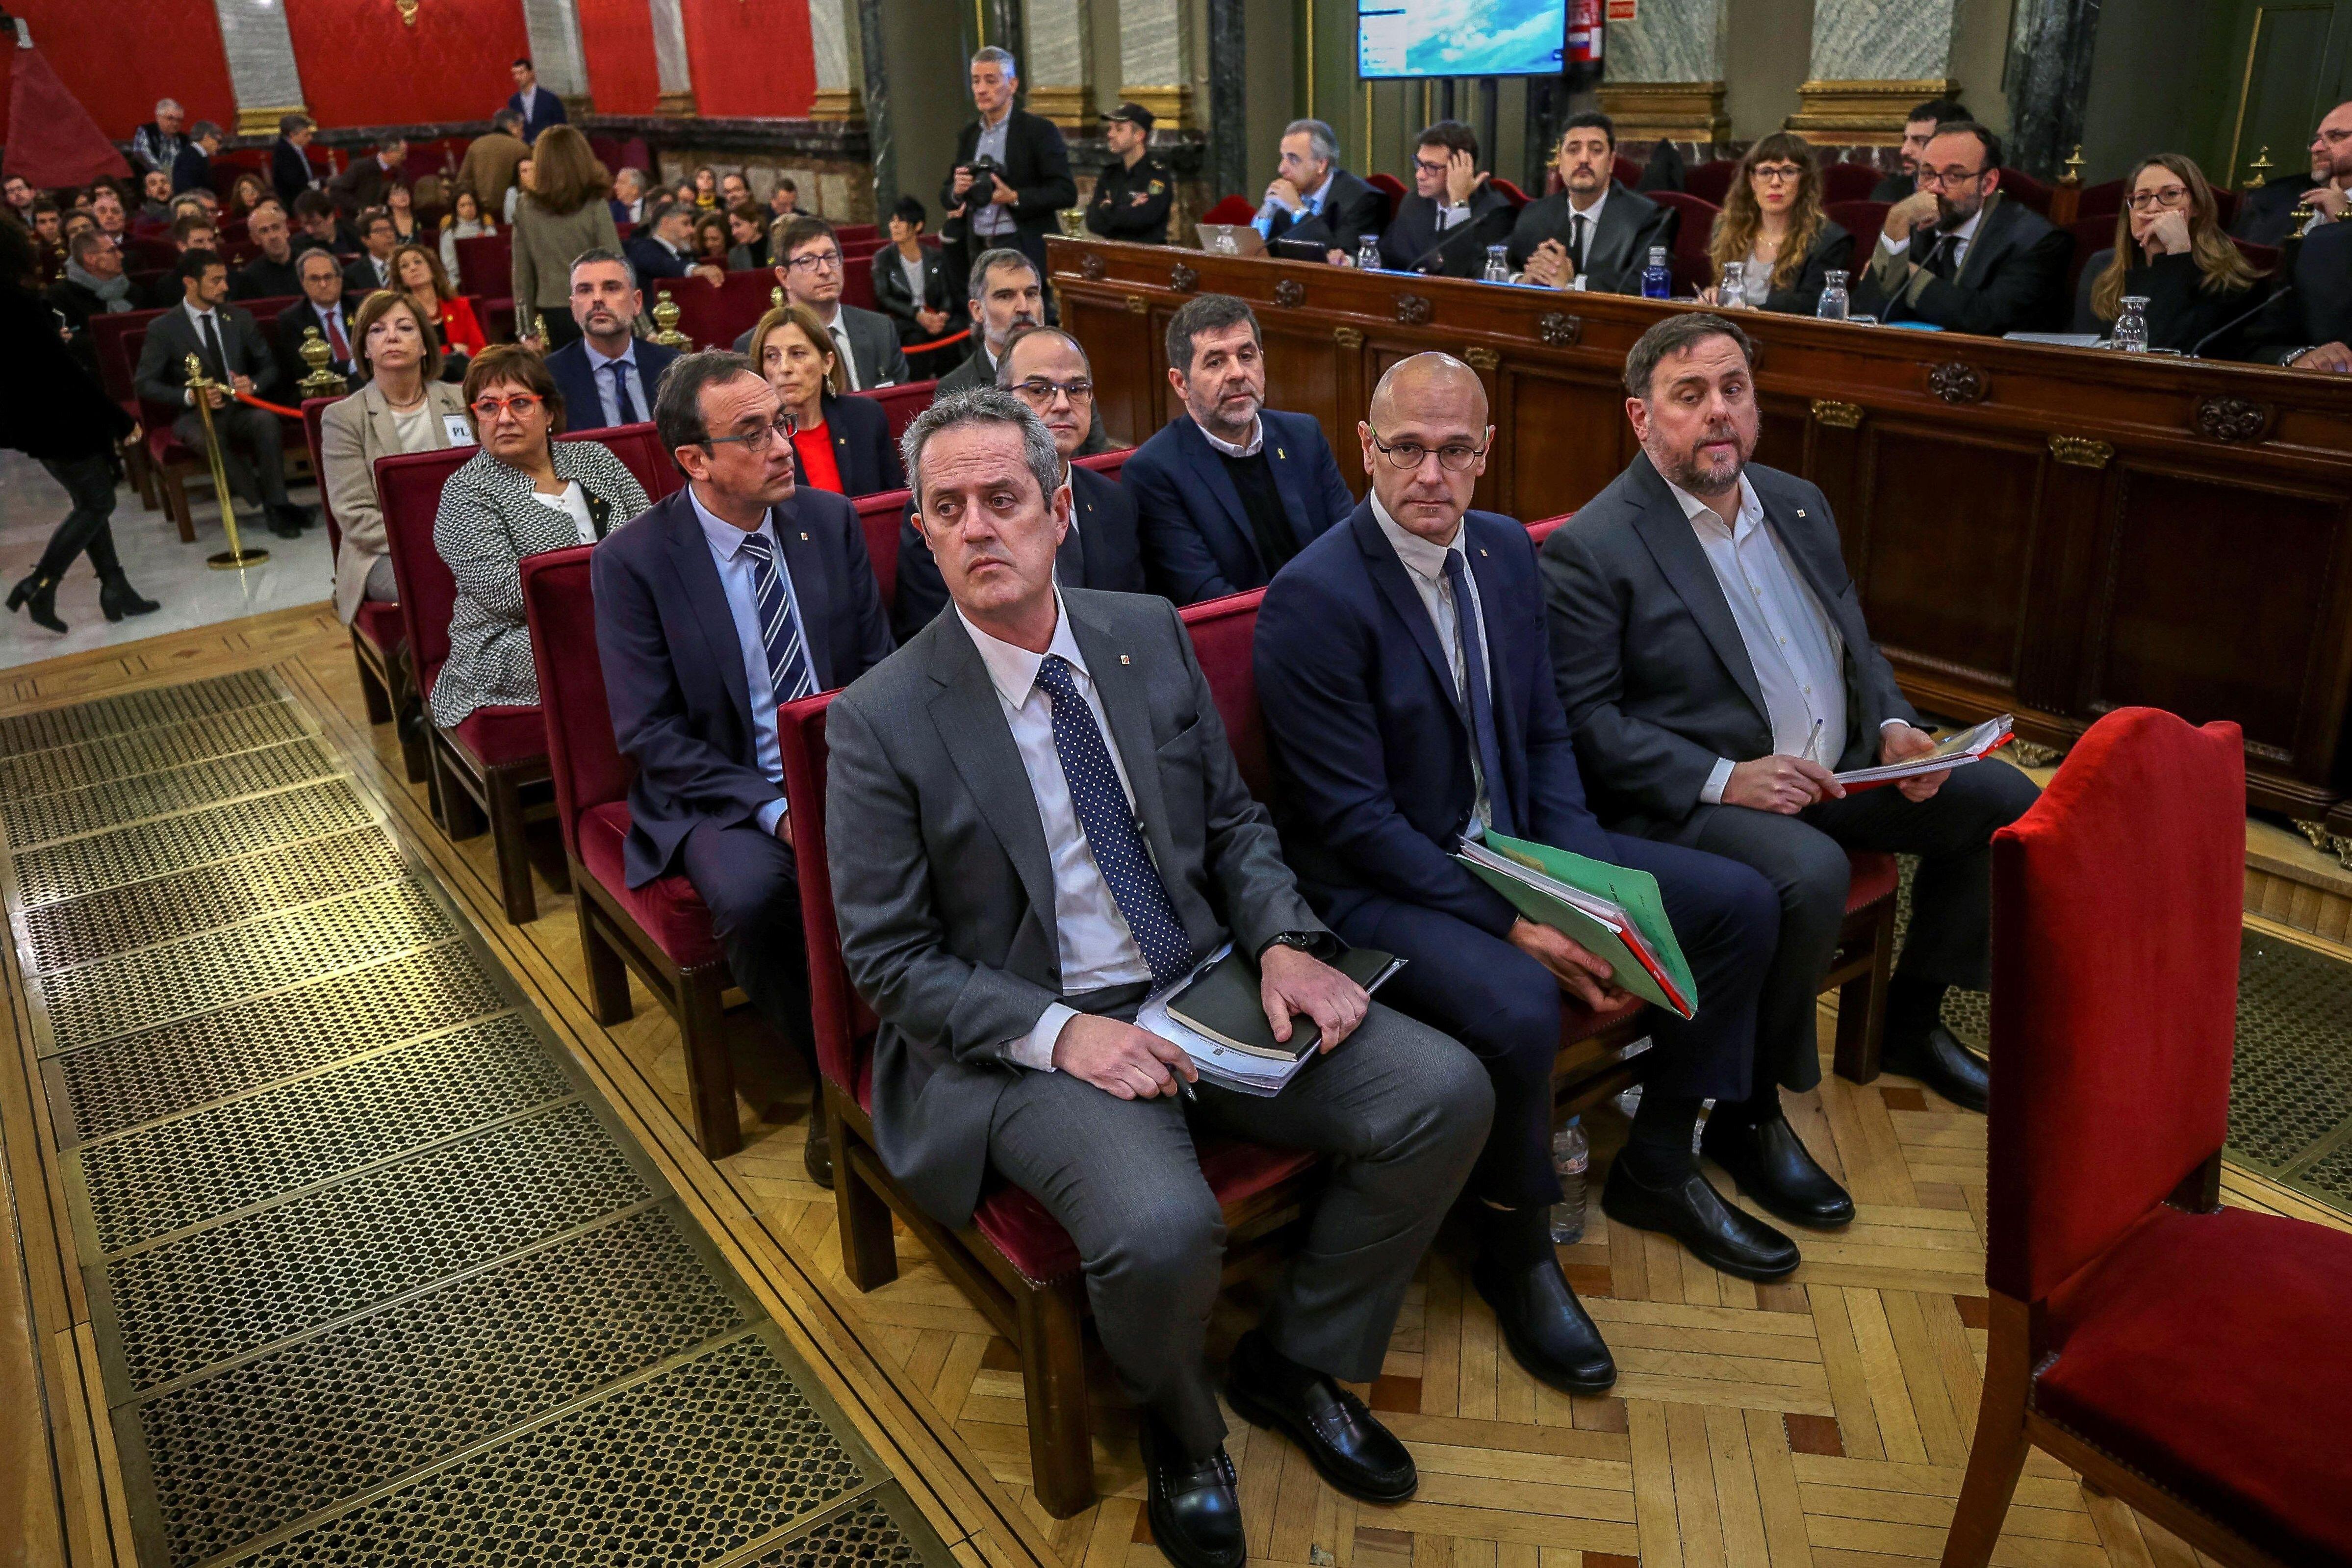 Sánchez, Junqueras, Rull, Turull y Romeva ganan escaño pero tendrán que pedir permiso al TS para tomar